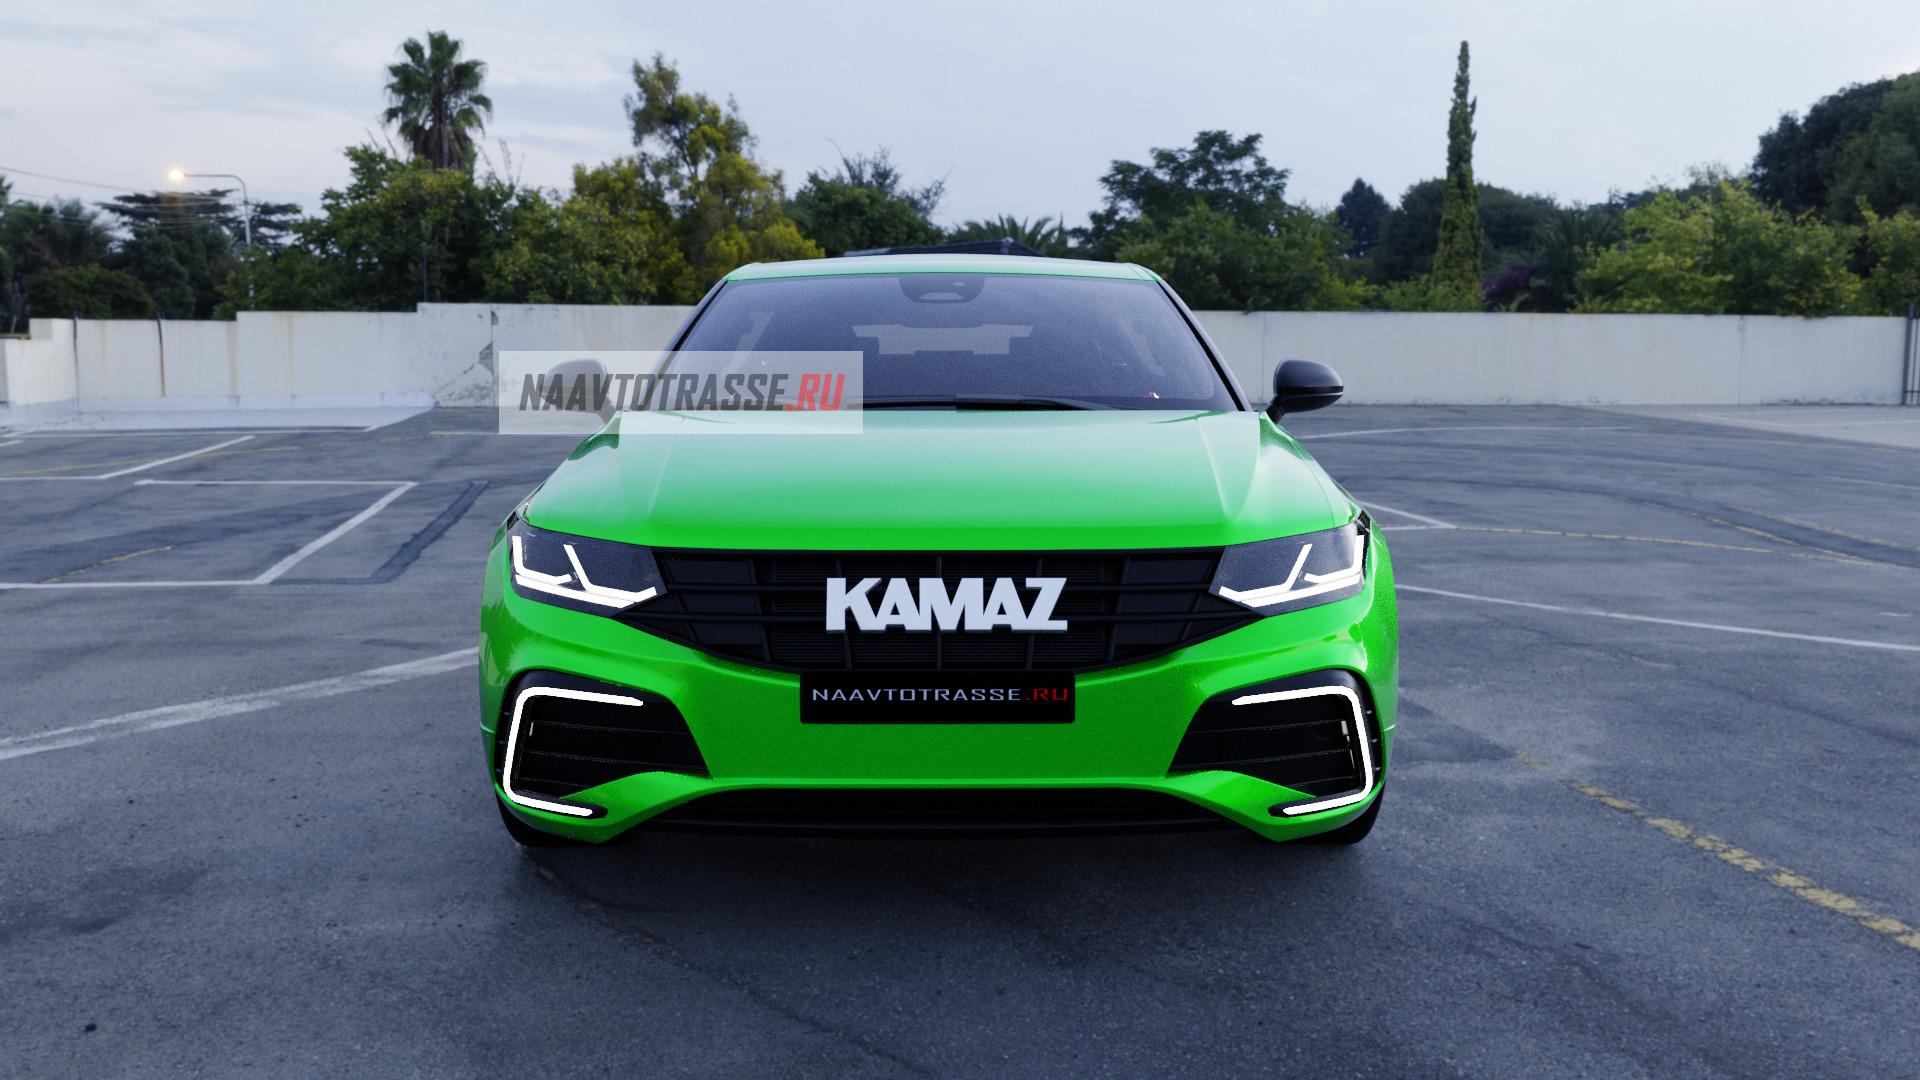 Опубликованы первые изображения нового кросс-купе КамАЗ-6520 2021 с турбодвигателями от Mercedes-Benz